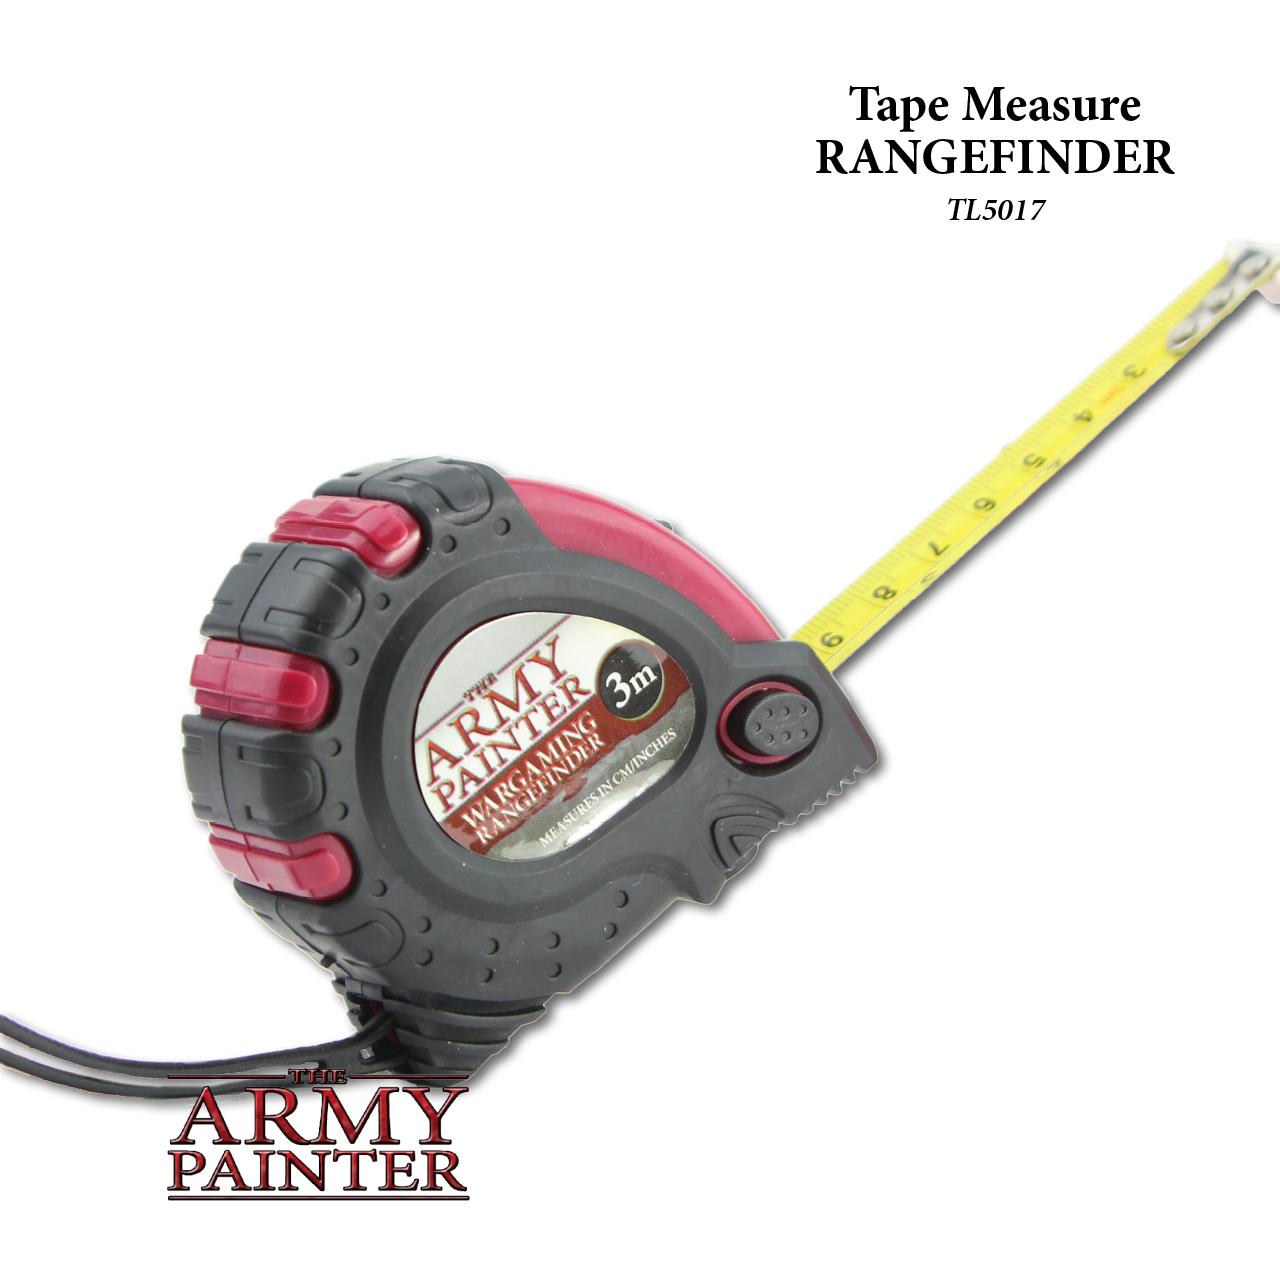 Tape Measure - RANGEFINDER